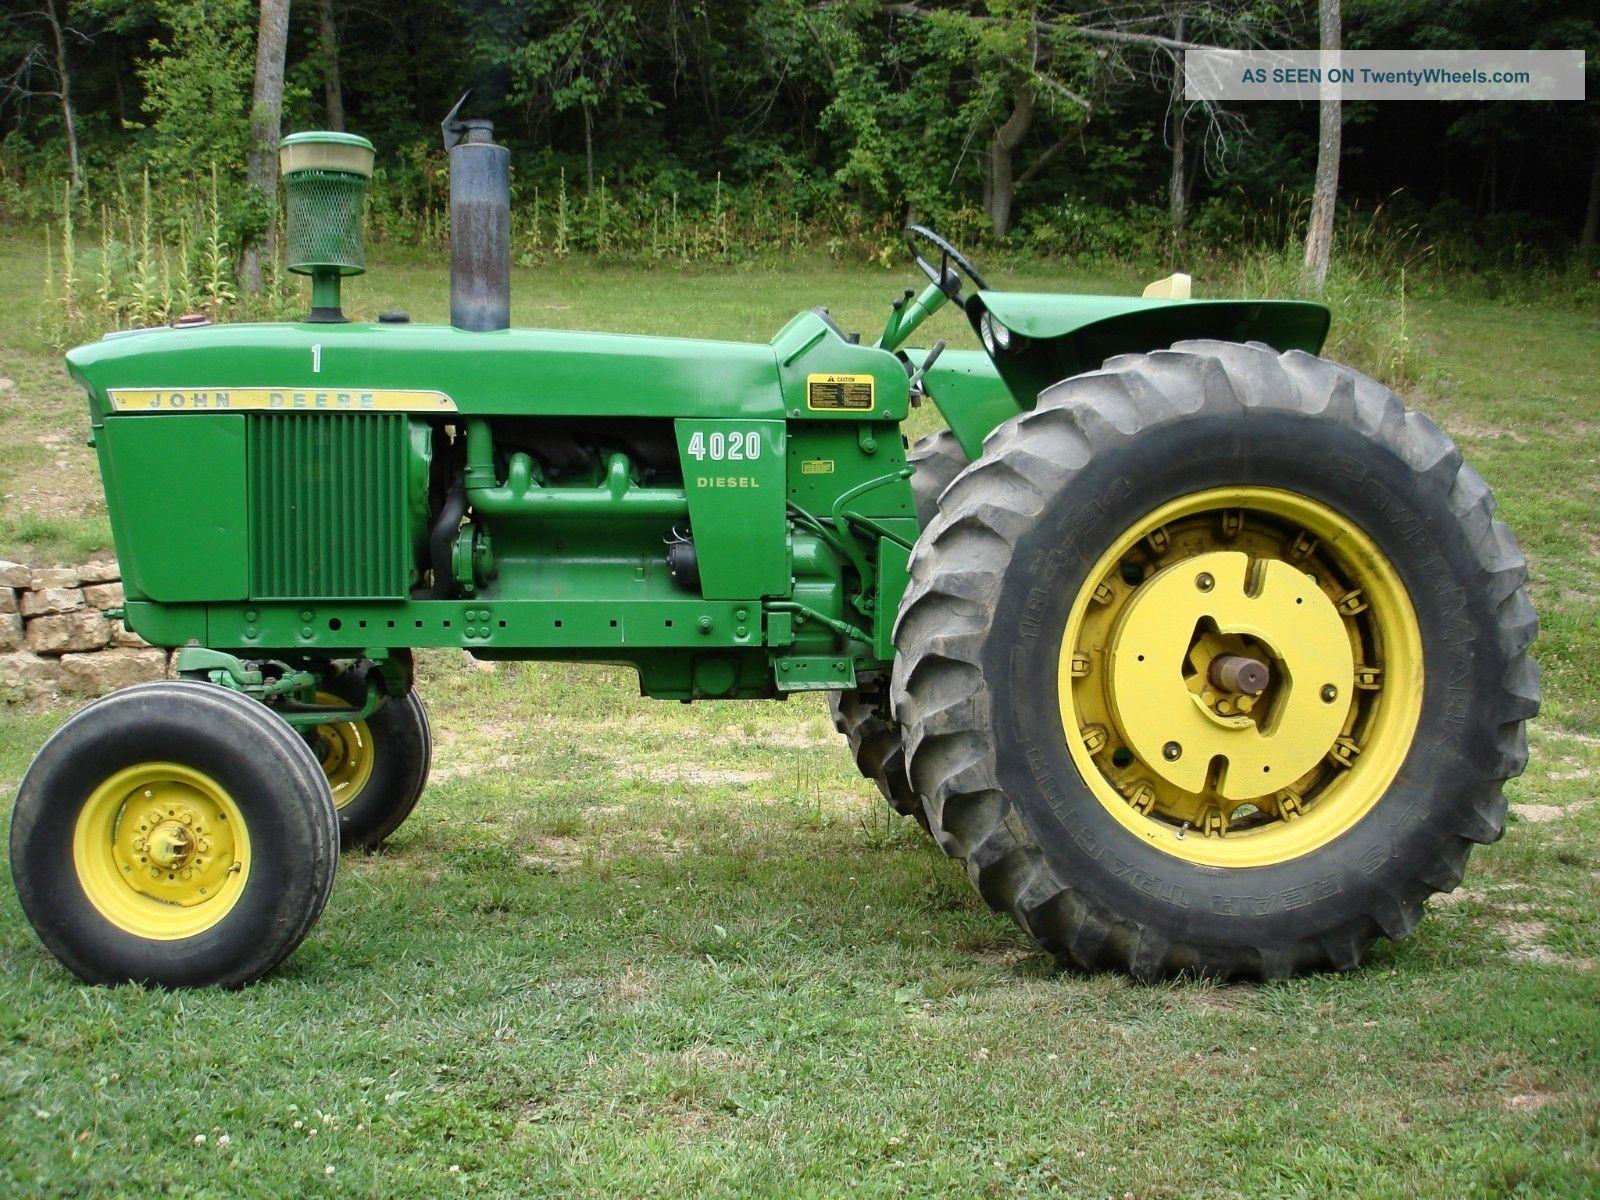 1967 4020 John Deere Tractor Diesel